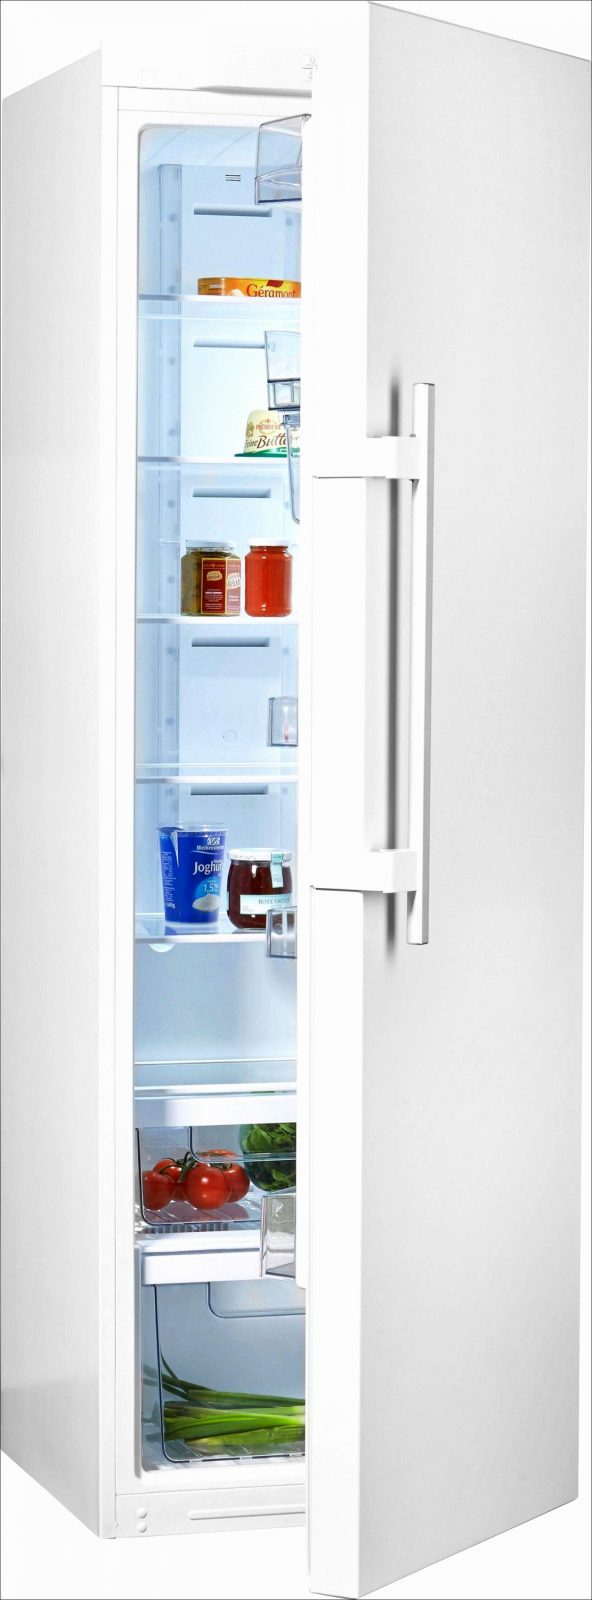 Frisch Balkontür Holz Inside Billige Kühlschränke Mit Gefrierfach von Billige Kühlschränke Mit Gefrierfach Bild